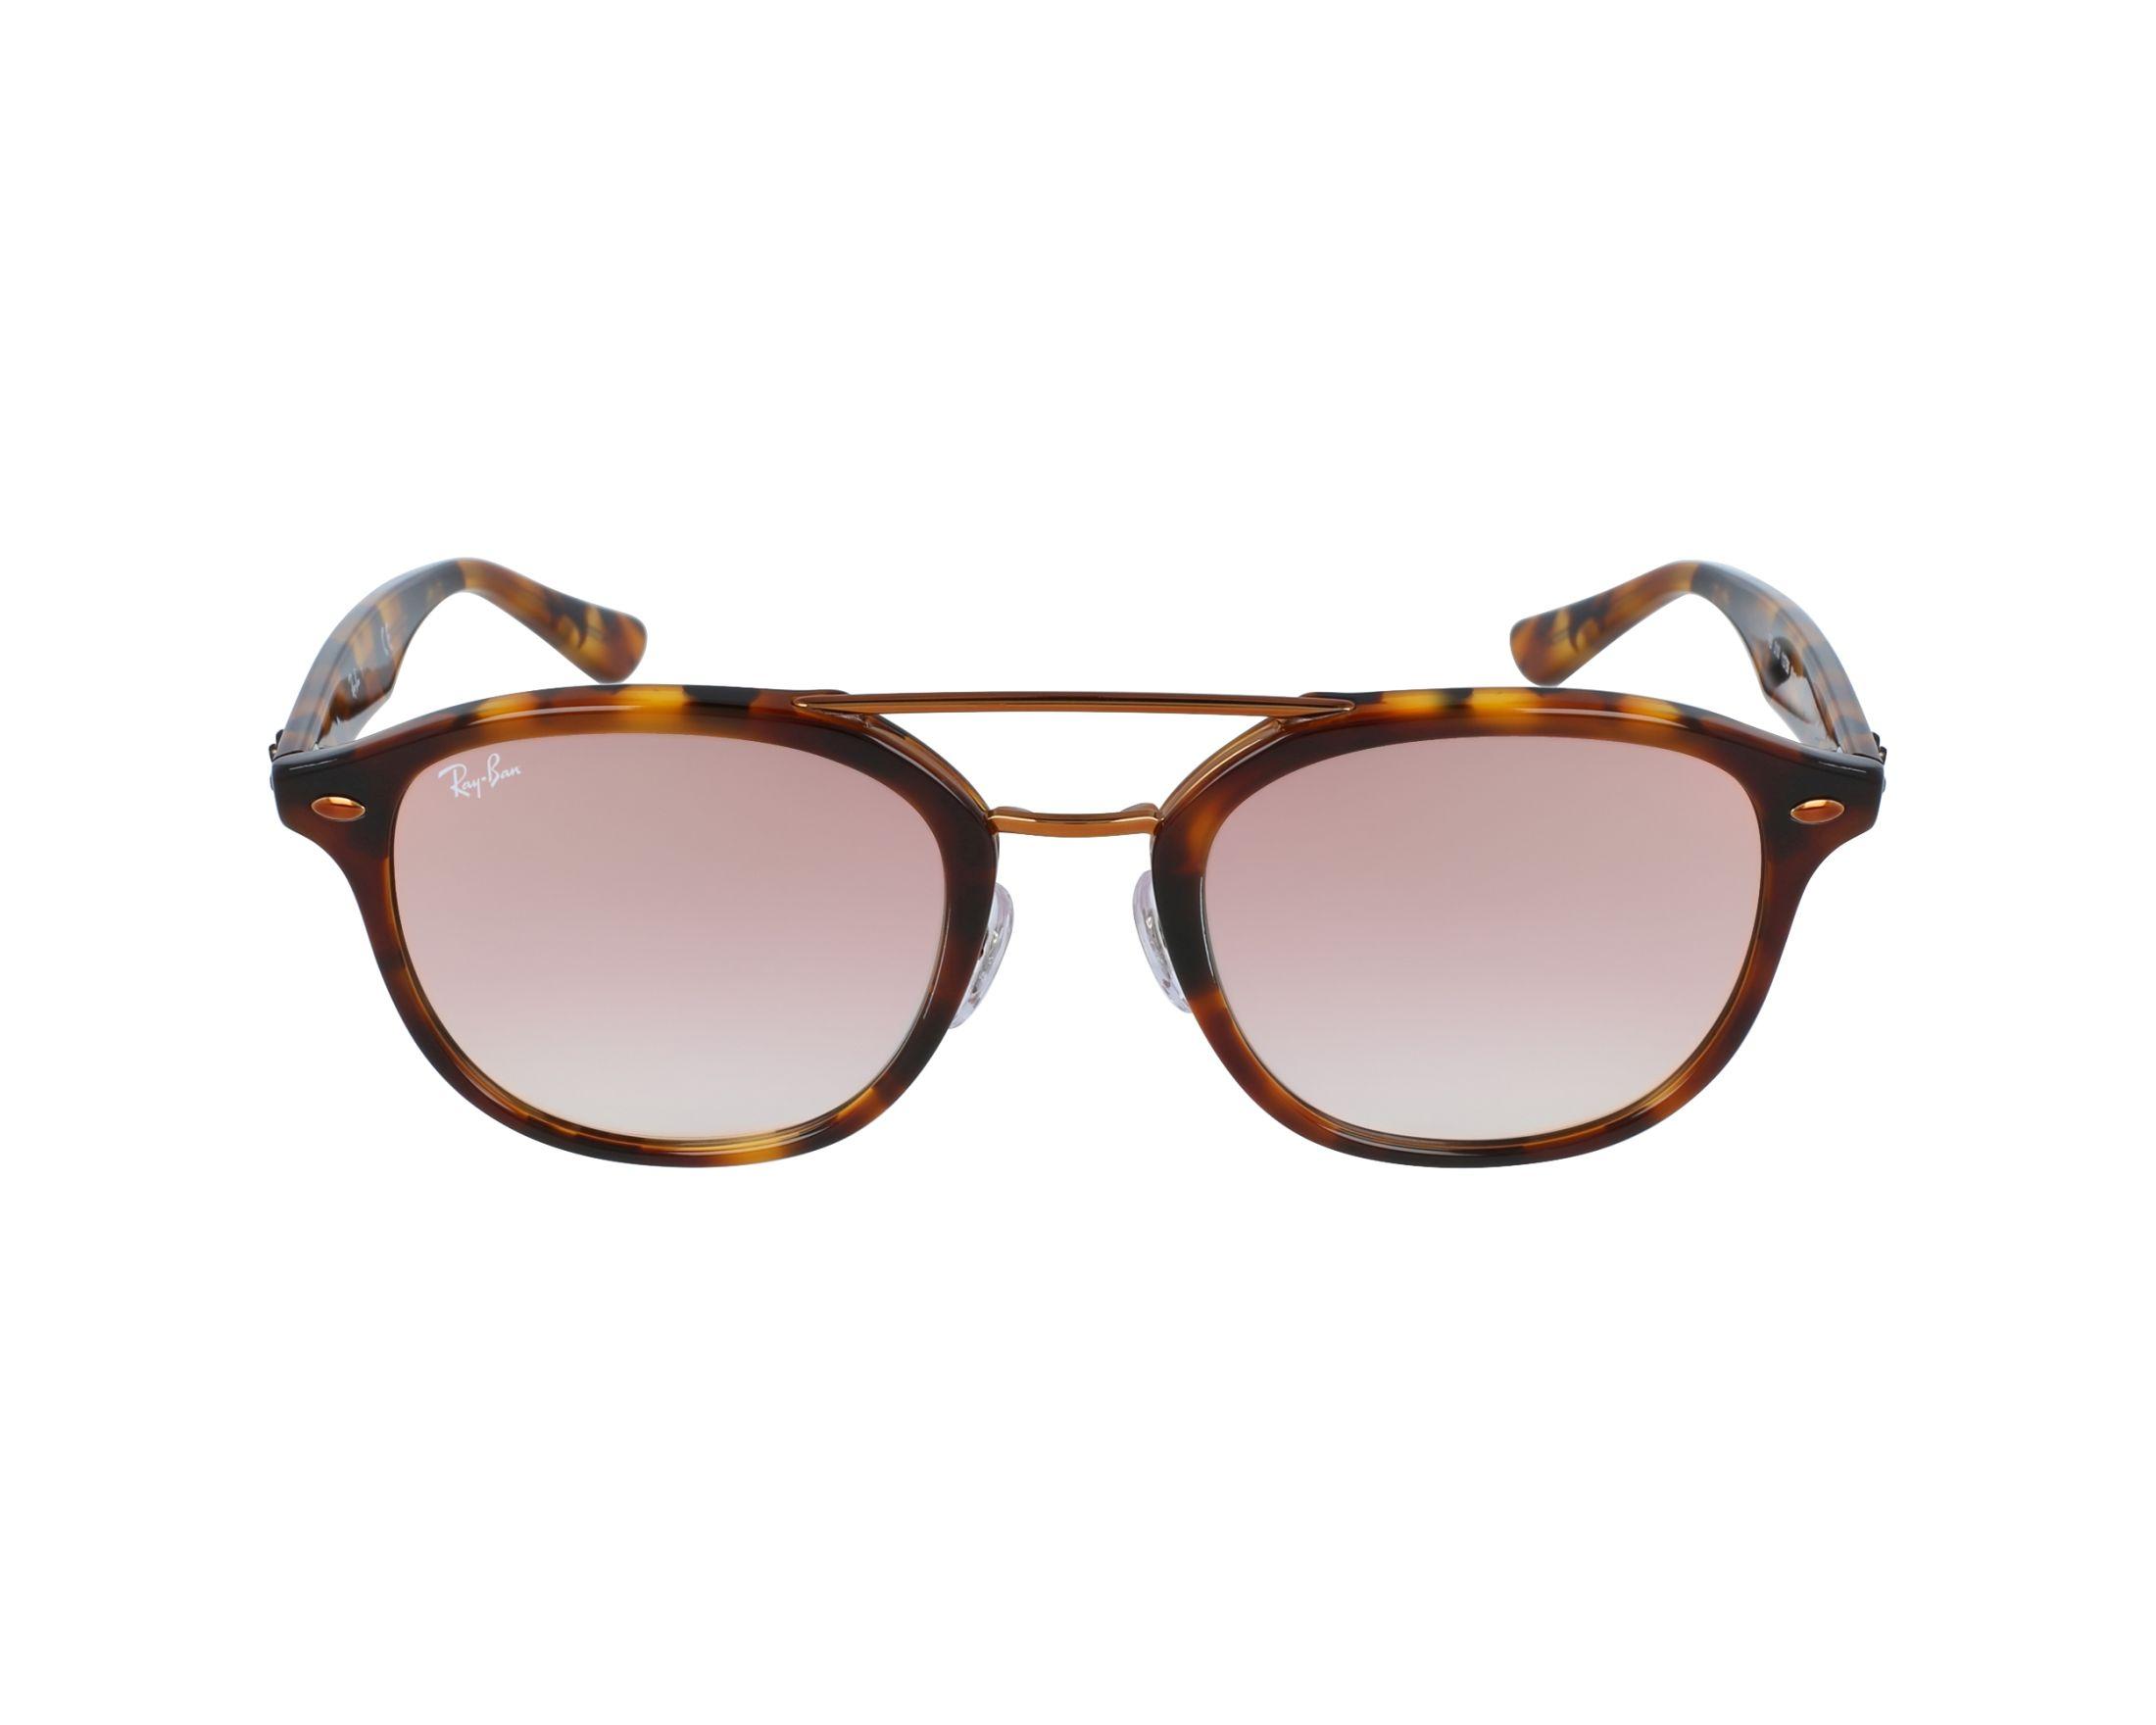 1b21e23e65 Sunglasses Ray-Ban RB-2183 1127B9 53-21 Havana Copper profile view